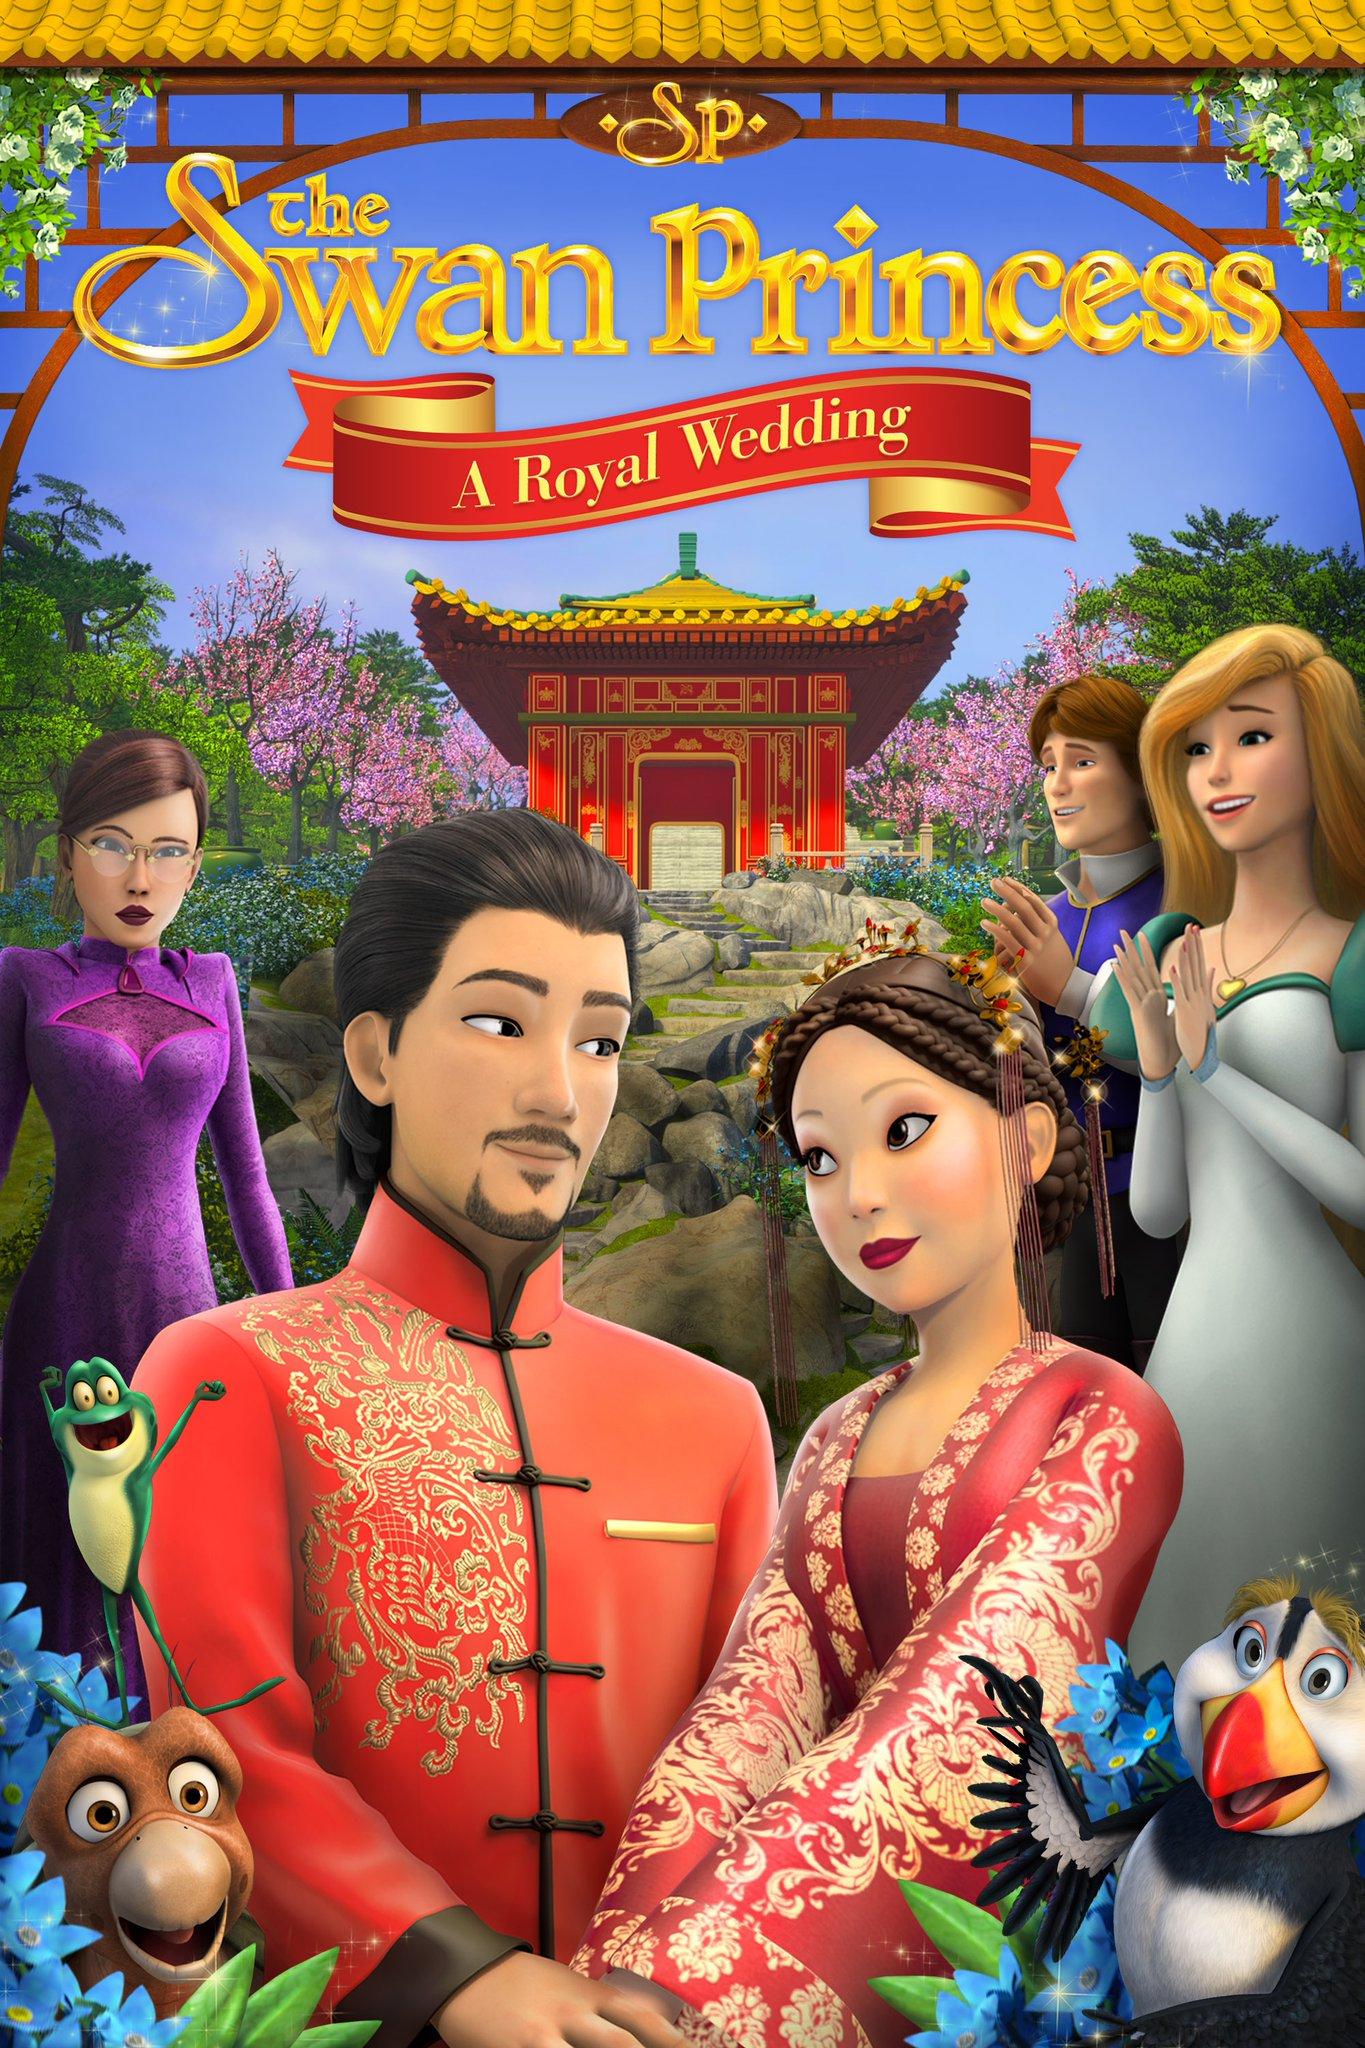 The Swan Princess A Royal Wedding (2020) เจ้าหญิงหงส์ขาว มหัศจรรย์วันวิวาห์